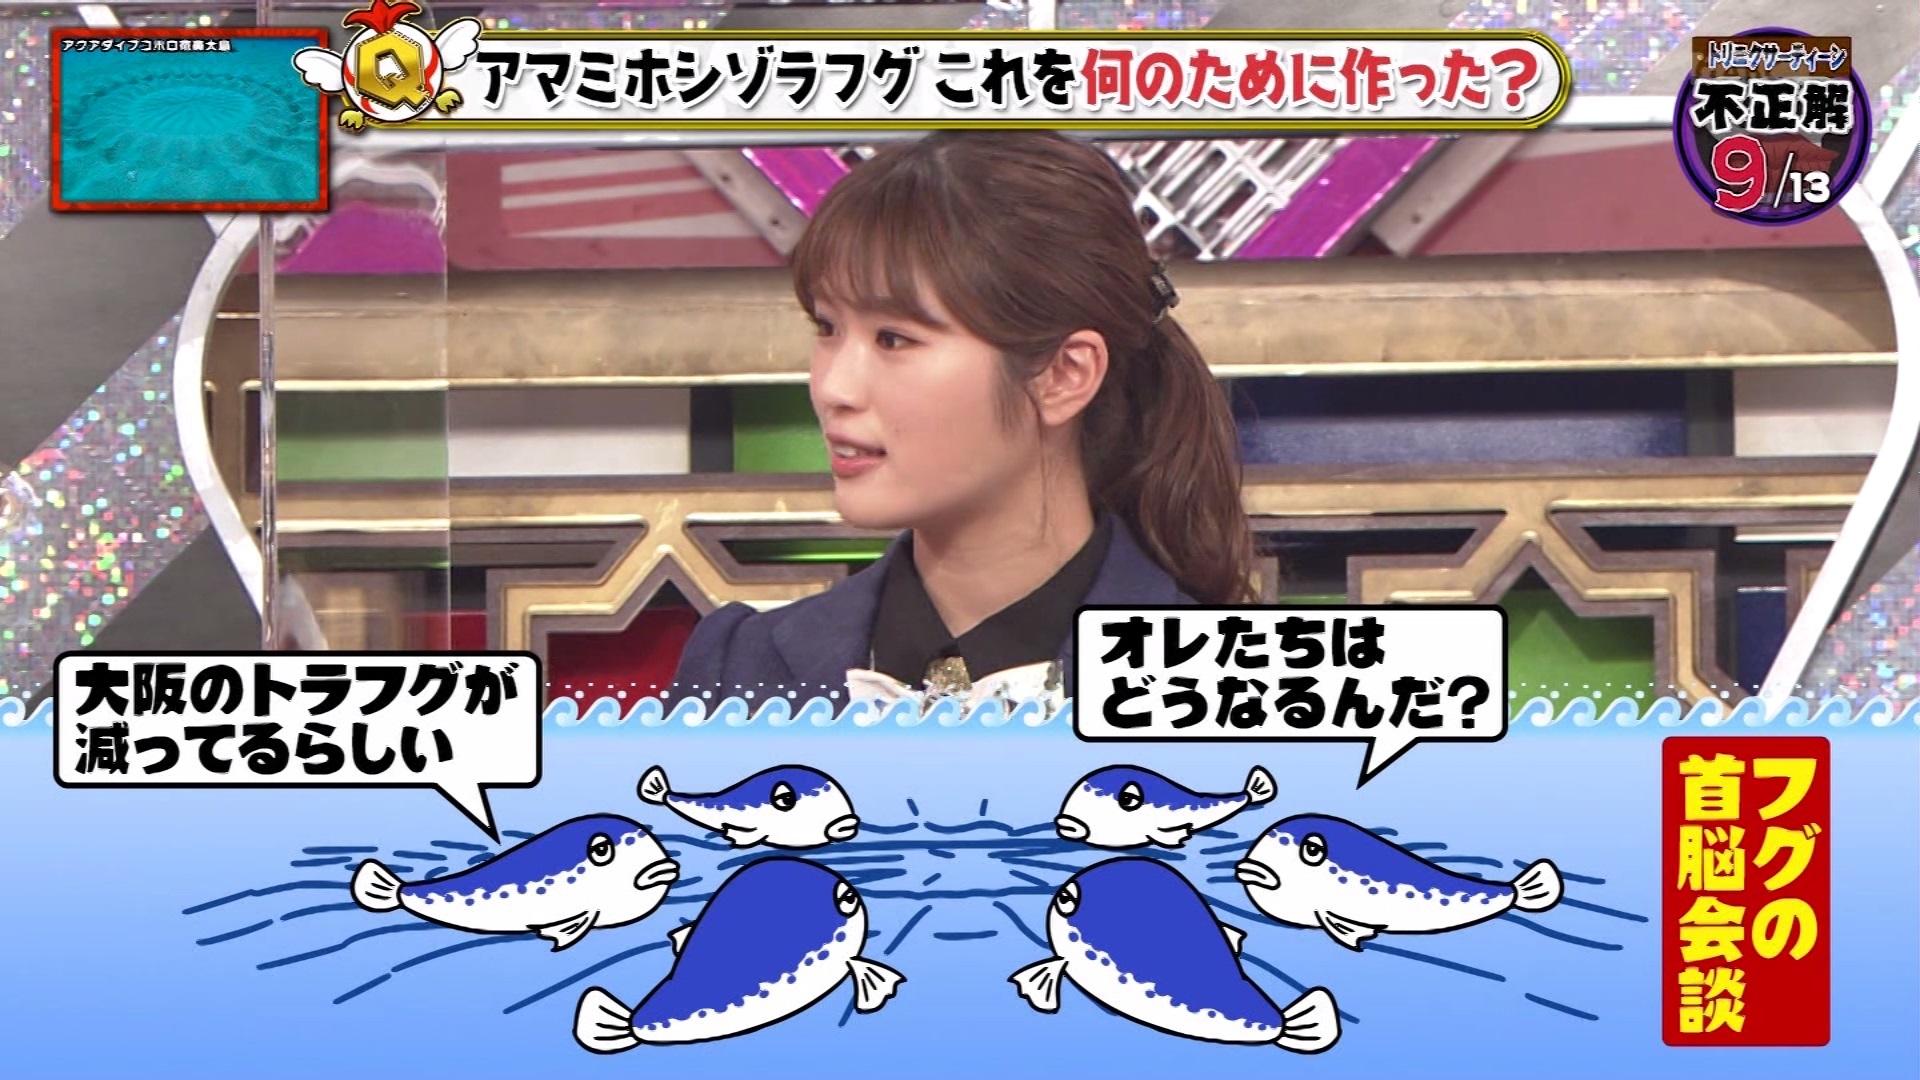 【渋谷凪咲】なぎさ出演 8月18日放送「トリニクって何の肉!?」♯40の実況と画像